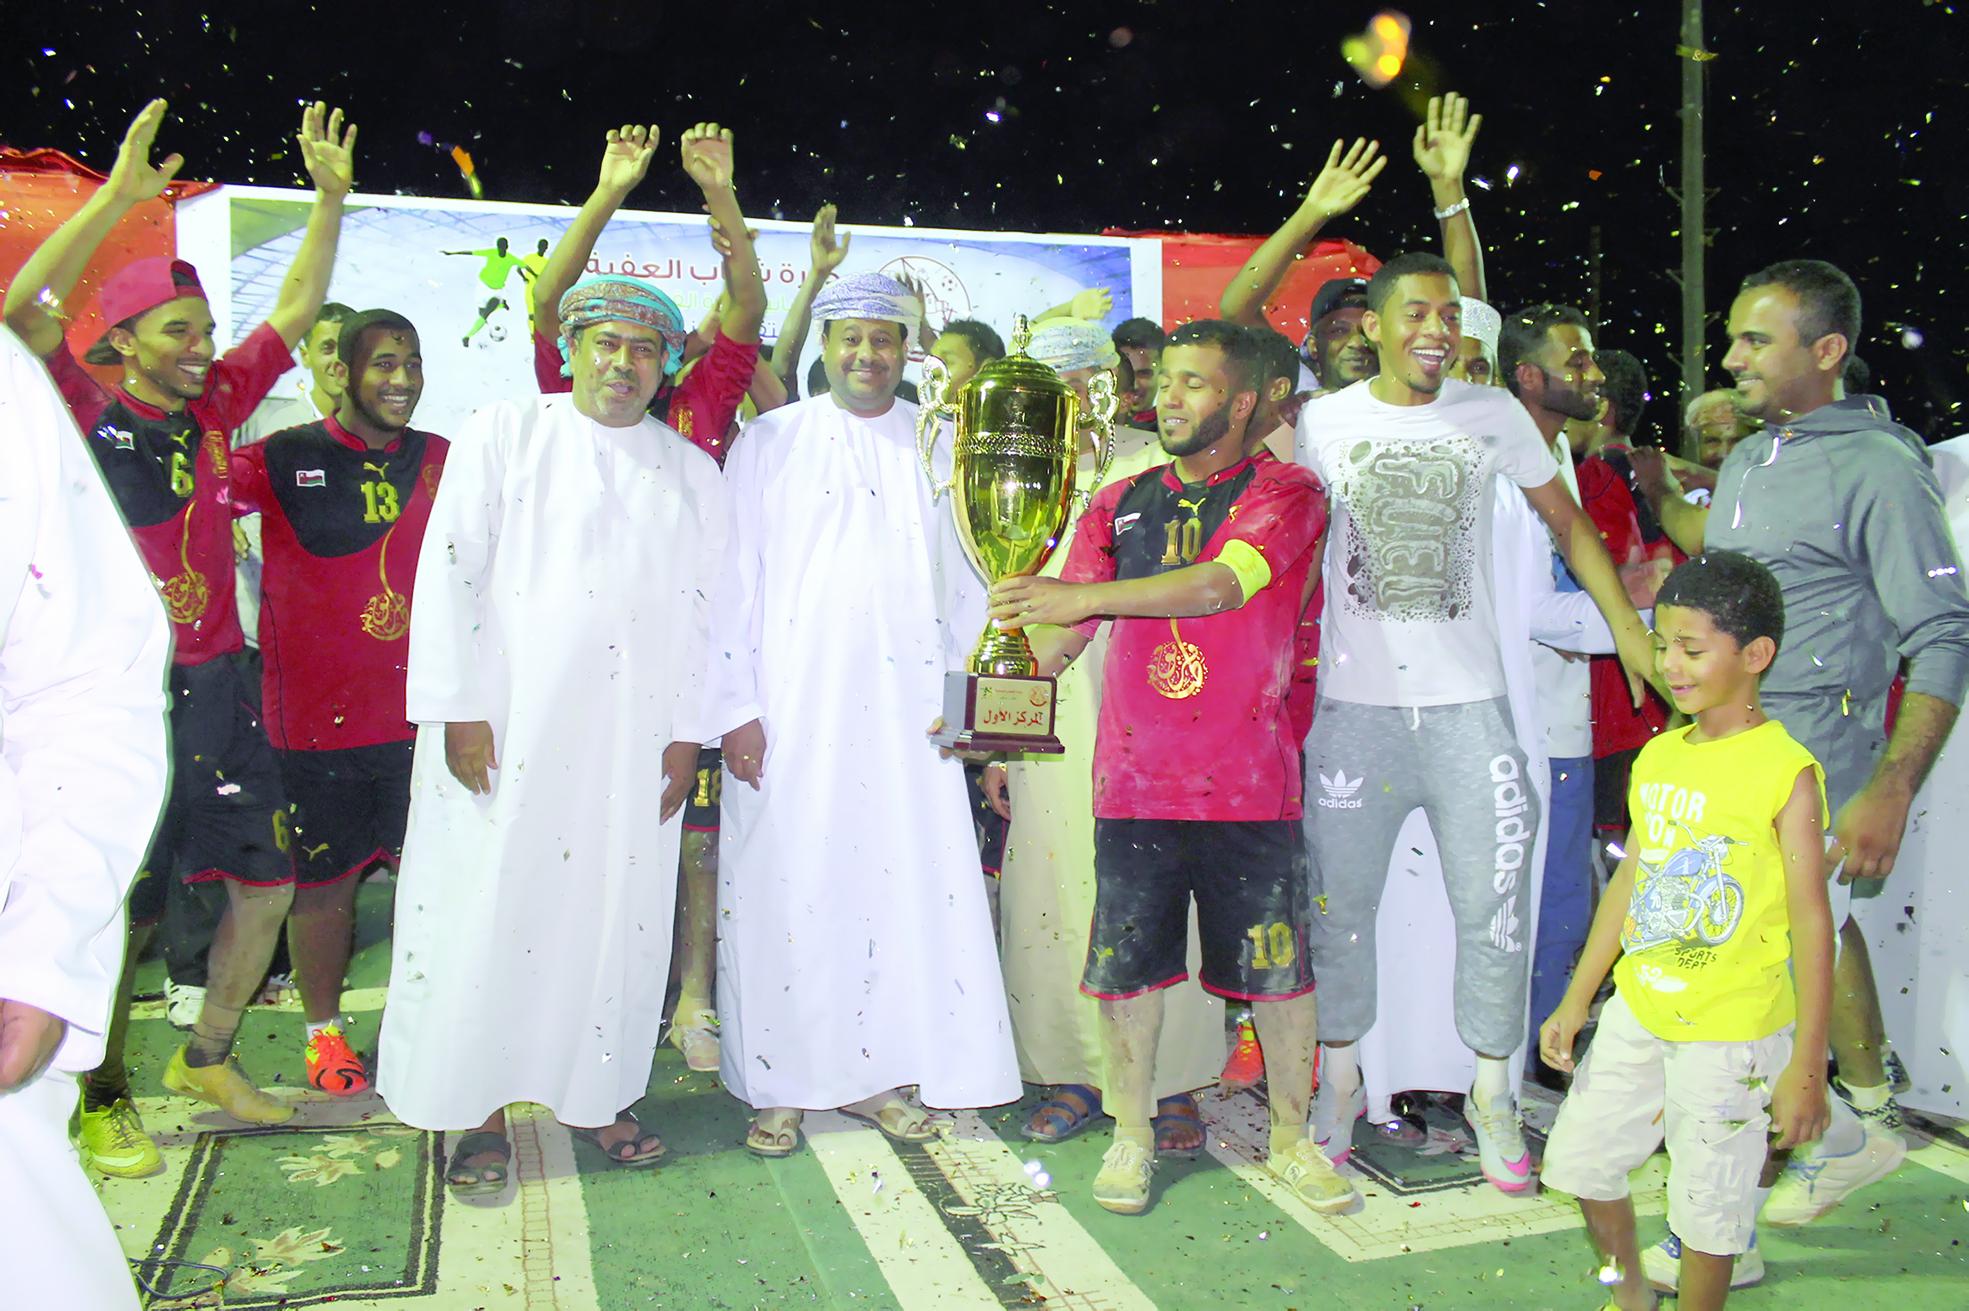 فريق طيبة الرياضي يطيِّب قلوب الجماهير ويحرز لقب بطولة شباب العفية الكروية الرمضانية